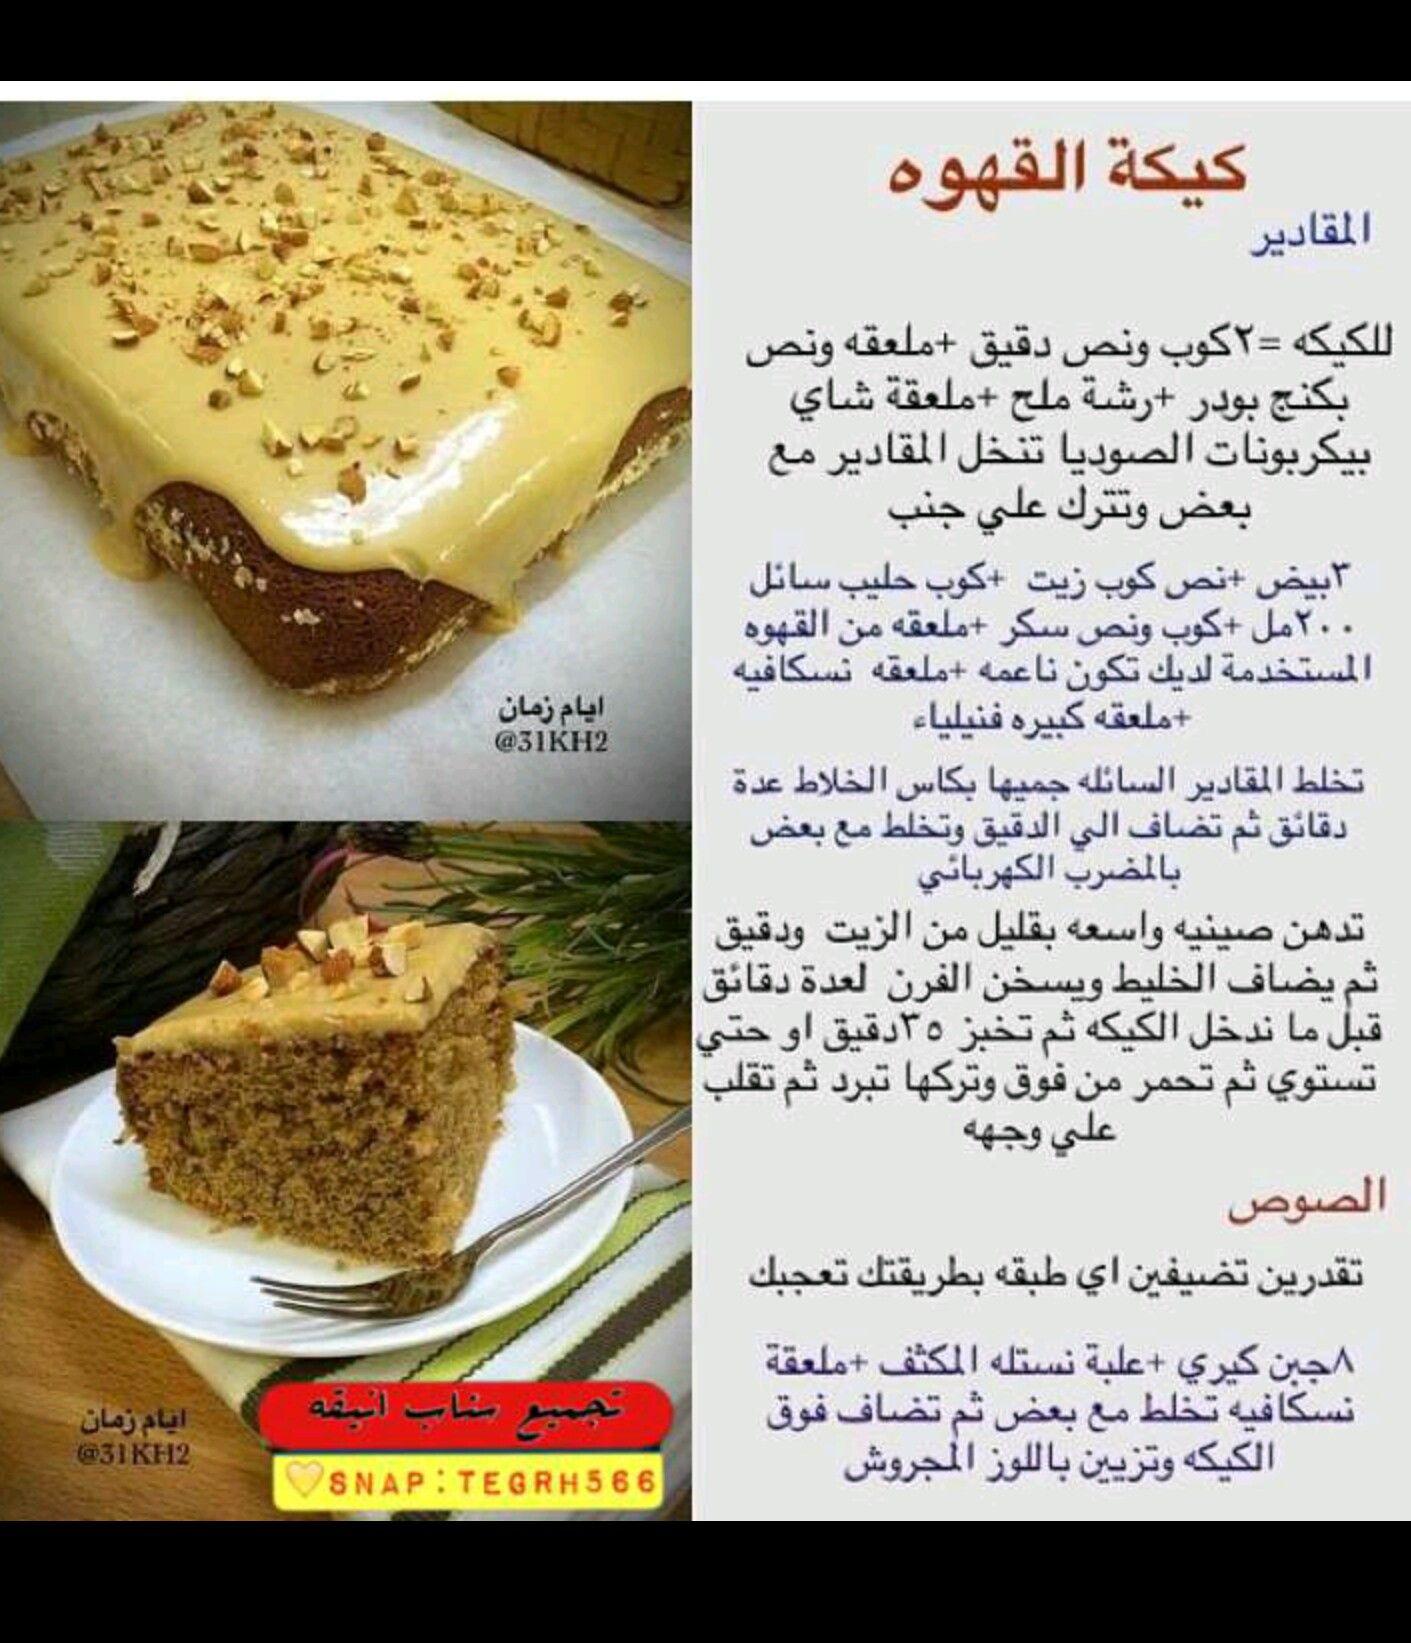 كيكة الدخن بدون بيض Arabic Food Yummy Food Dessert Cooking Recipes